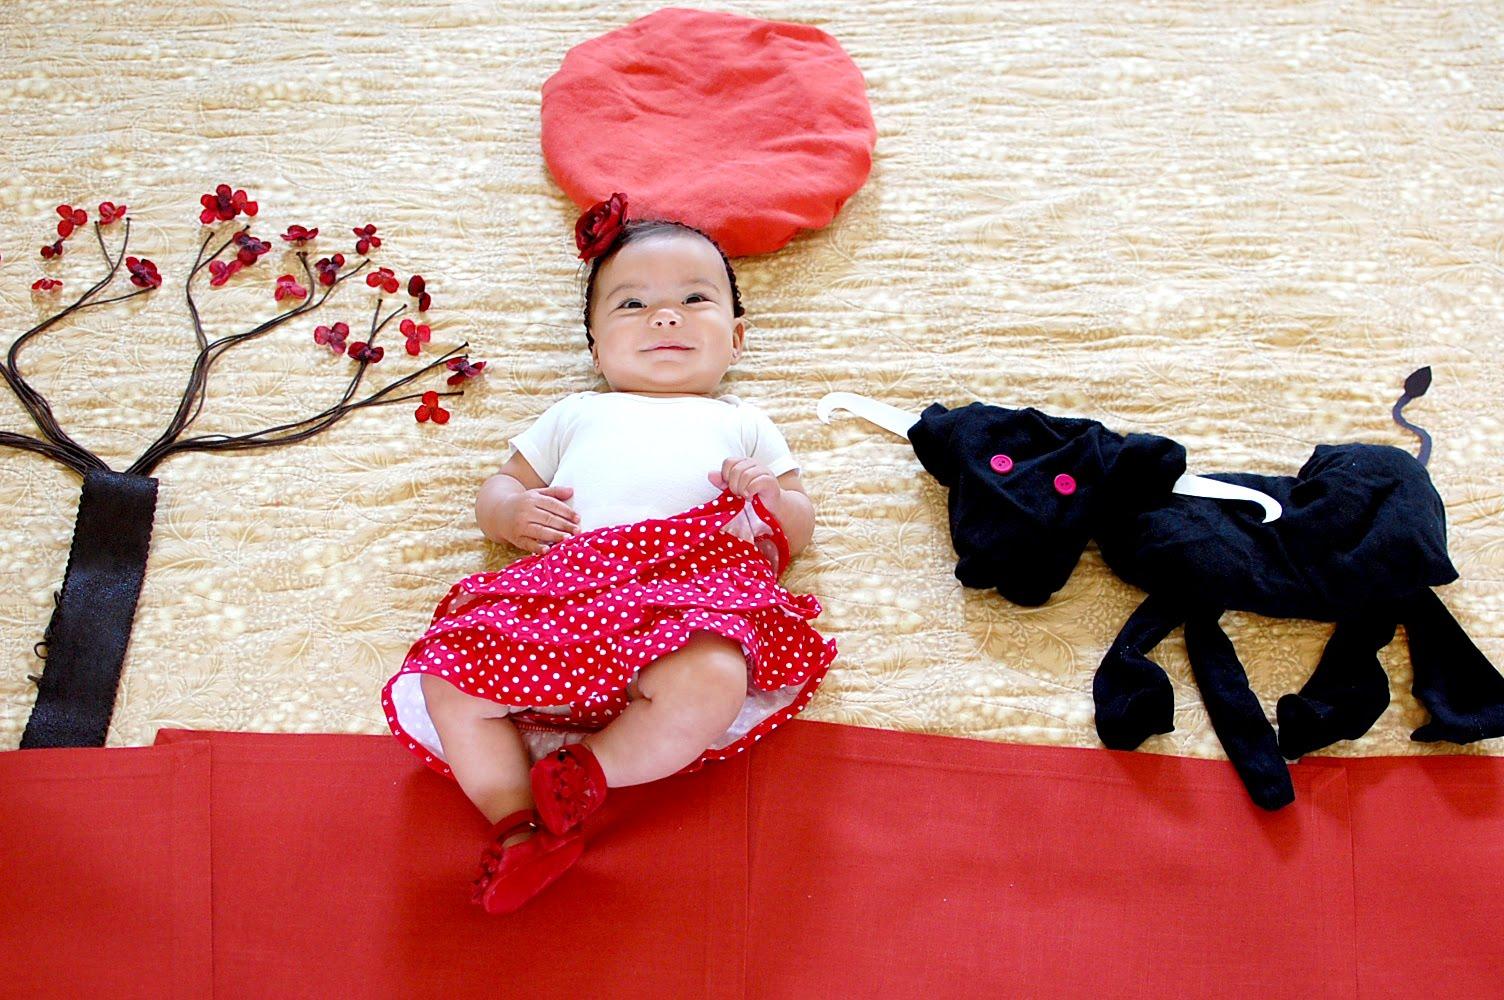 http://2.bp.blogspot.com/-9-3ExlSFBoI/Te5gif6kwPI/AAAAAAAAAHk/wXLozQDUGxg/s1600/espana.jpg